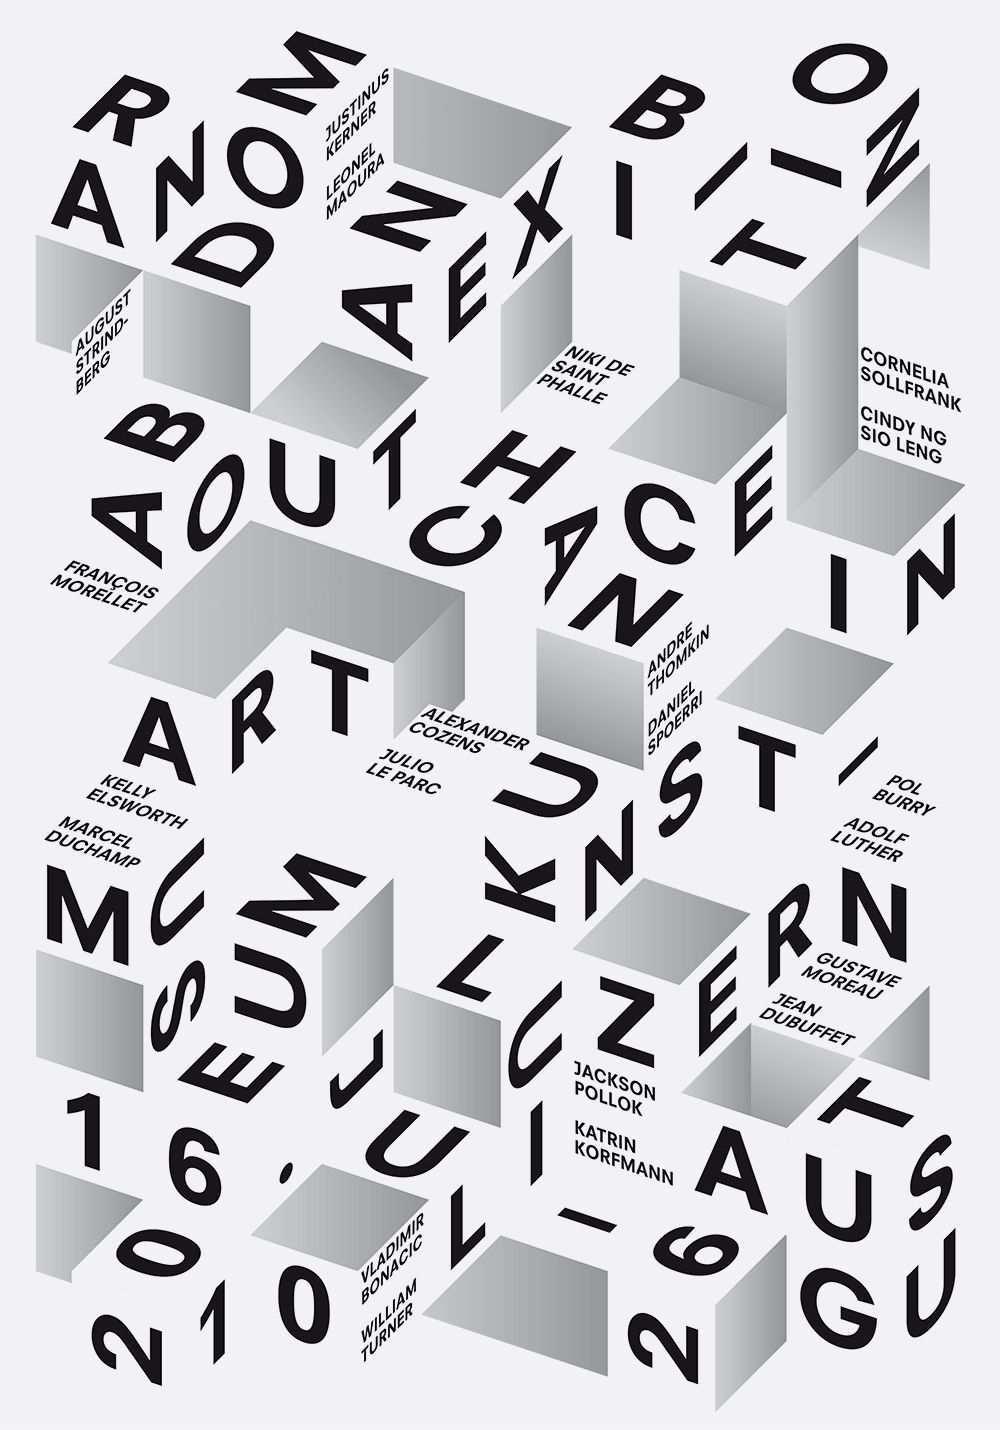 Poster Typography Random Poster Designed By Felix Pfaffli 2010 3d Type Mit Bildern Grafikdesign Typografie Typografische Gestaltung Typografie Poster